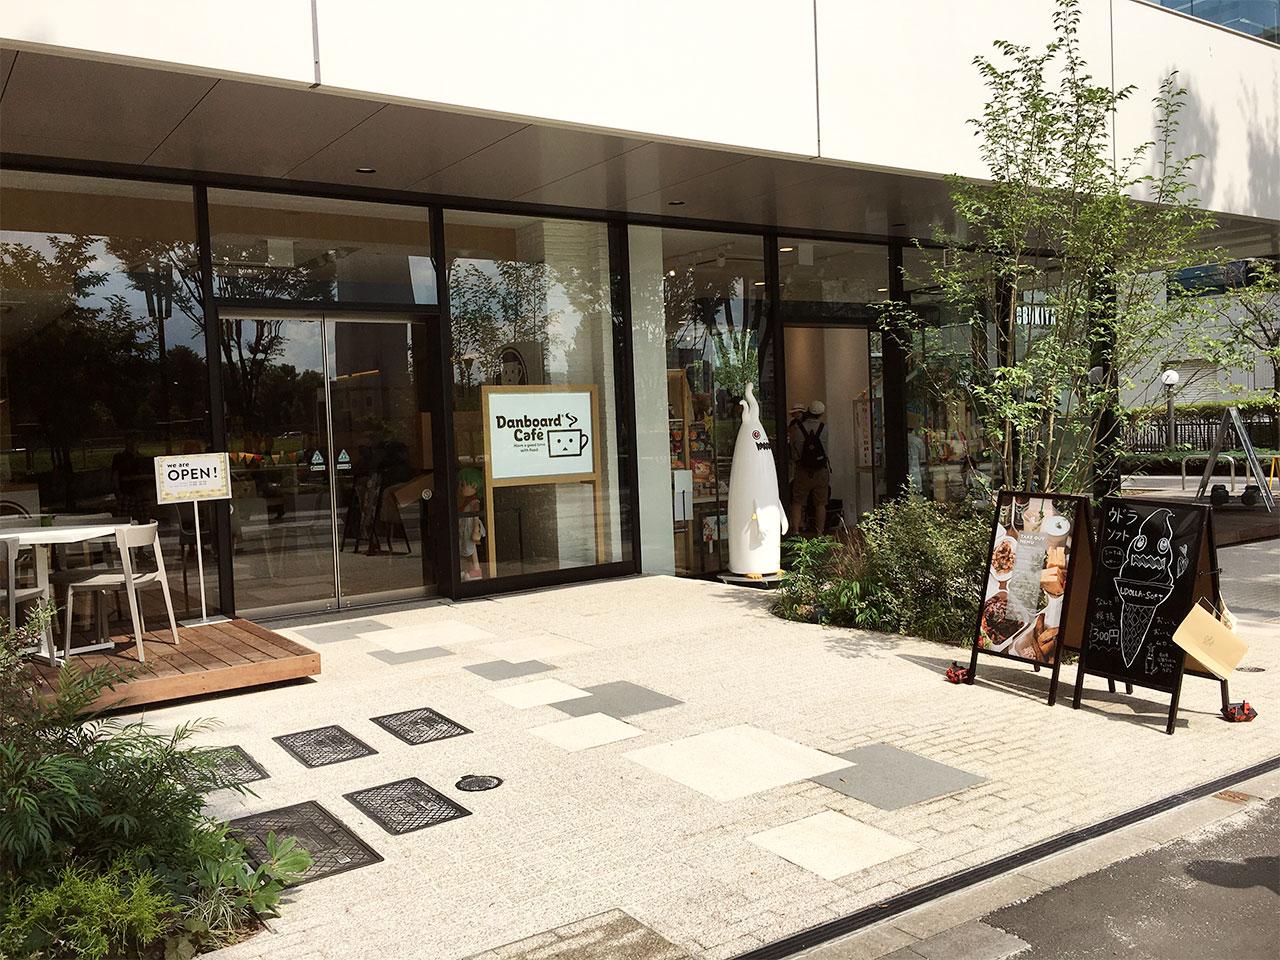 tachikawa-danboard-cafe-gaikan01